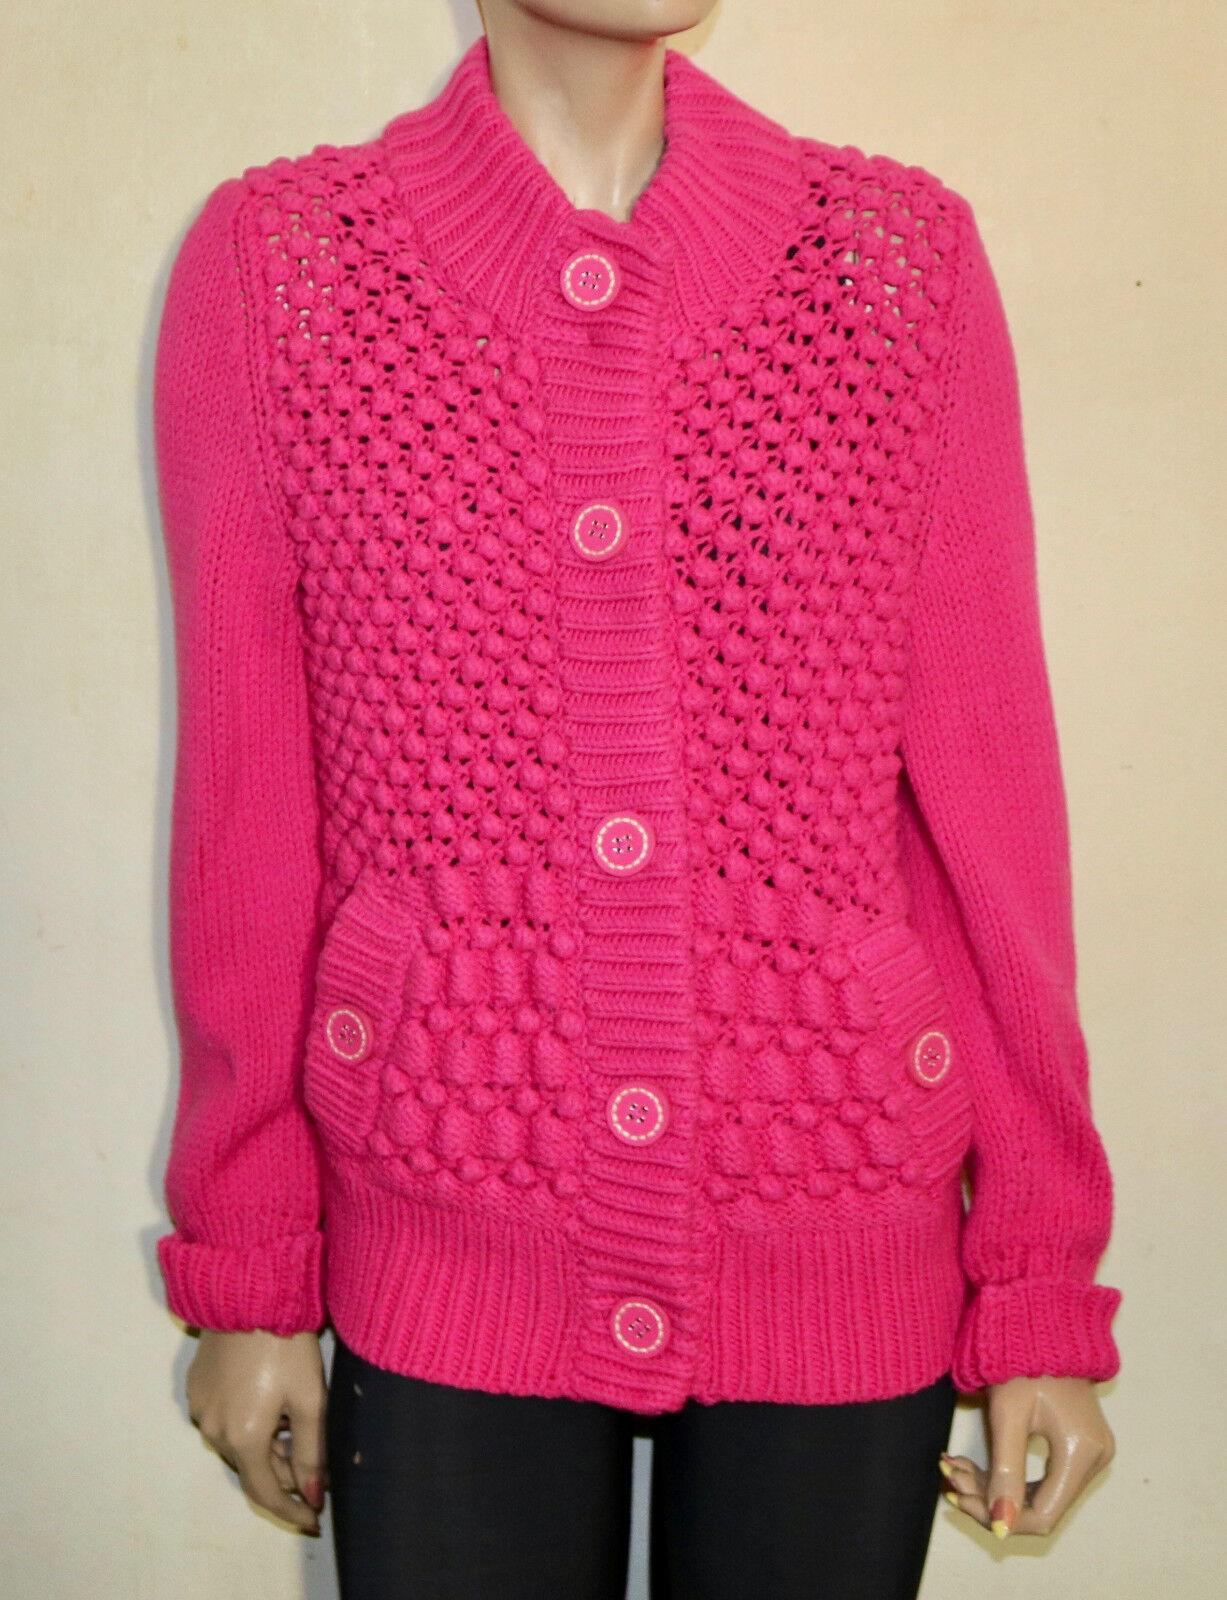 Escada Sport Sport Sport knit pink cardigan sweater M a6664b